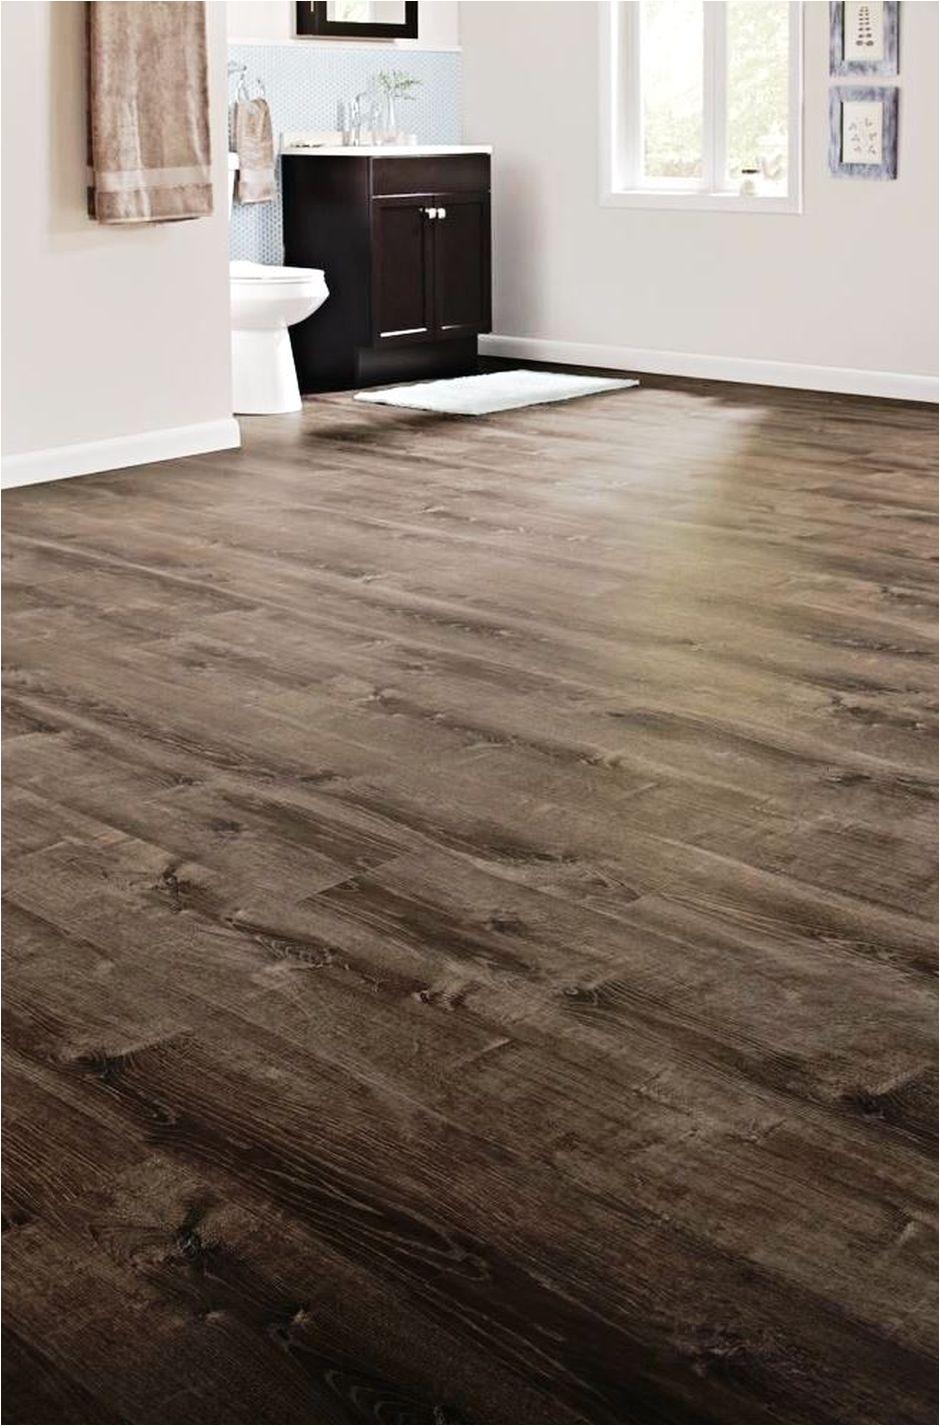 Vinyl Plank Flooring Installation Luxury Vinyl Plank Flooring To - How to measure for vinyl plank flooring